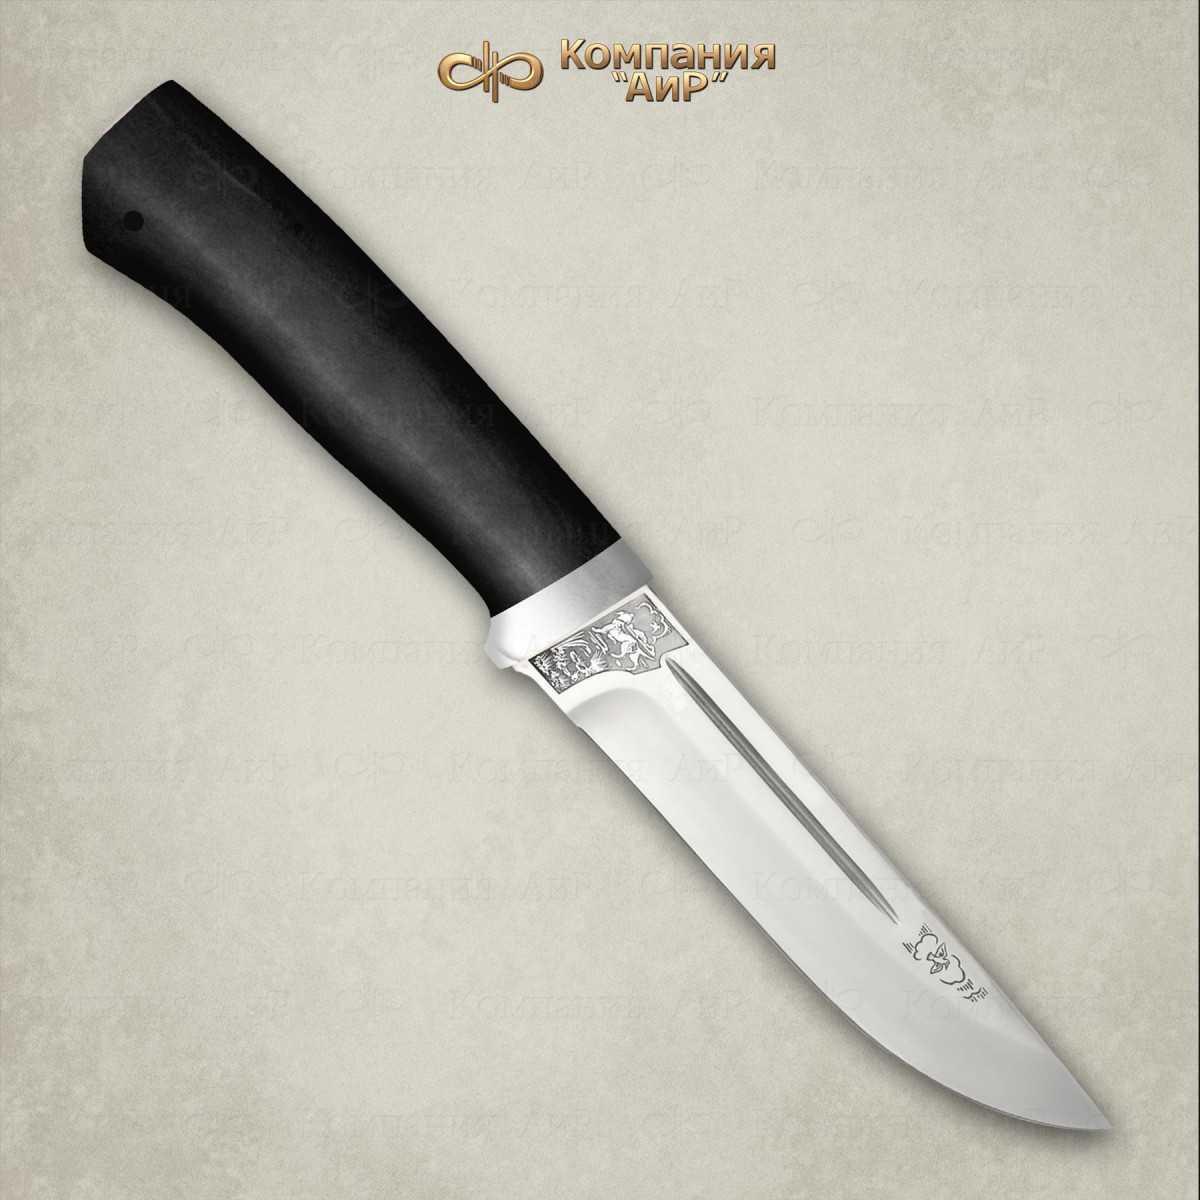 Нож АиР Бекас, сталь ЭП-766, рукоять граб